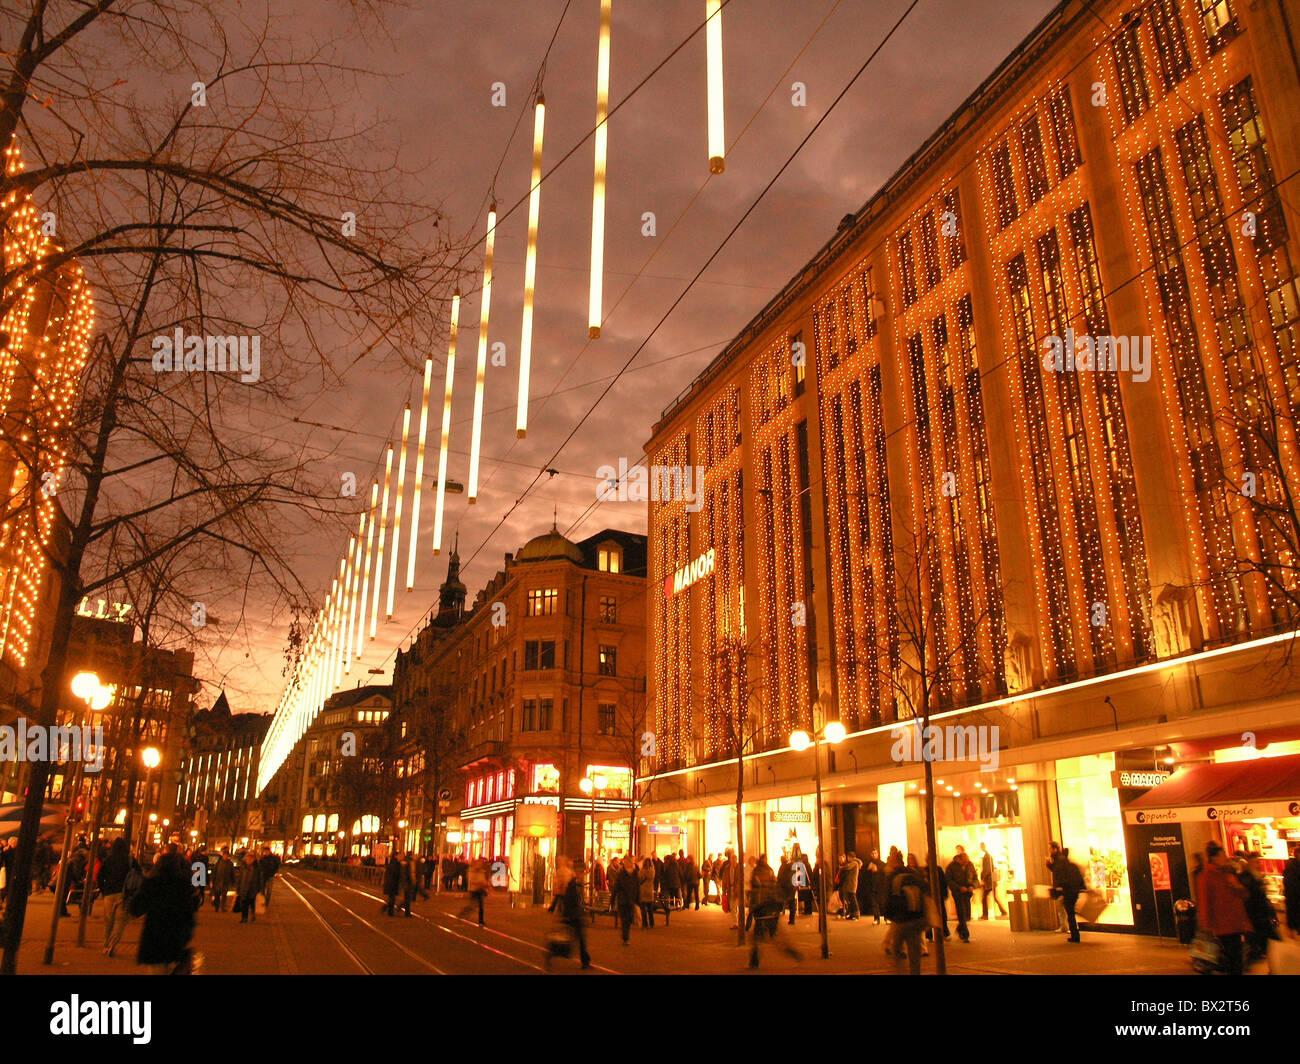 Weihnachten-Bahnhofstrasse bei Nacht Beleuchtung Nachtmensch ...